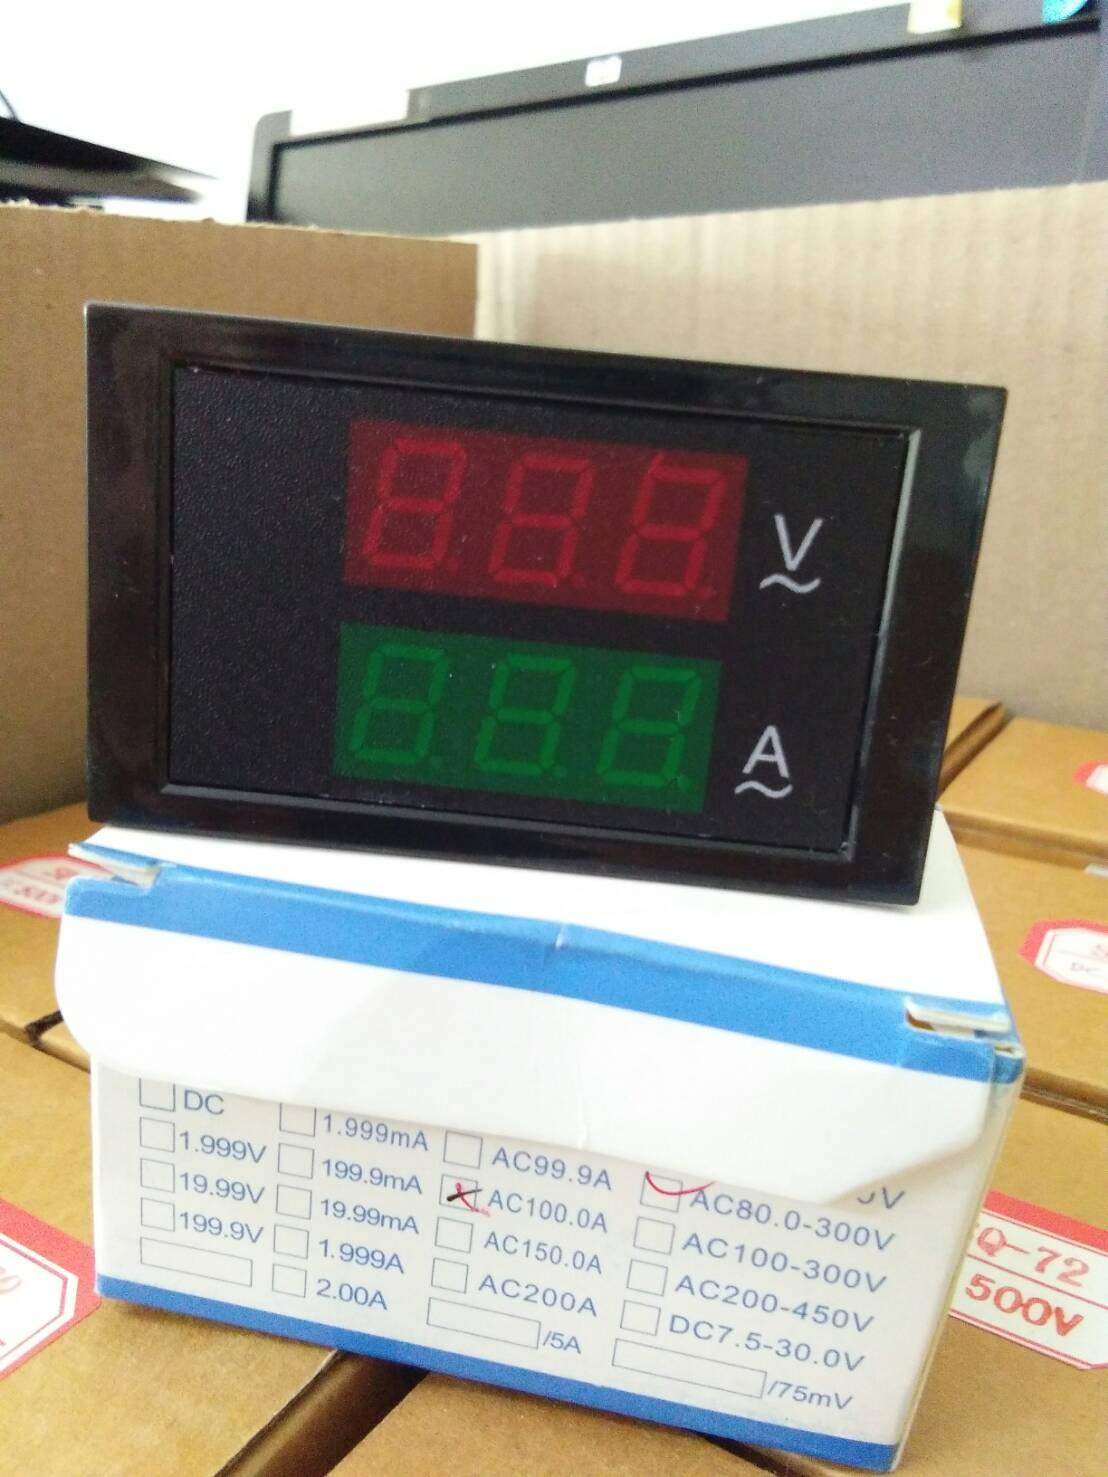 Digital Meter - BLED 50A 80-300V